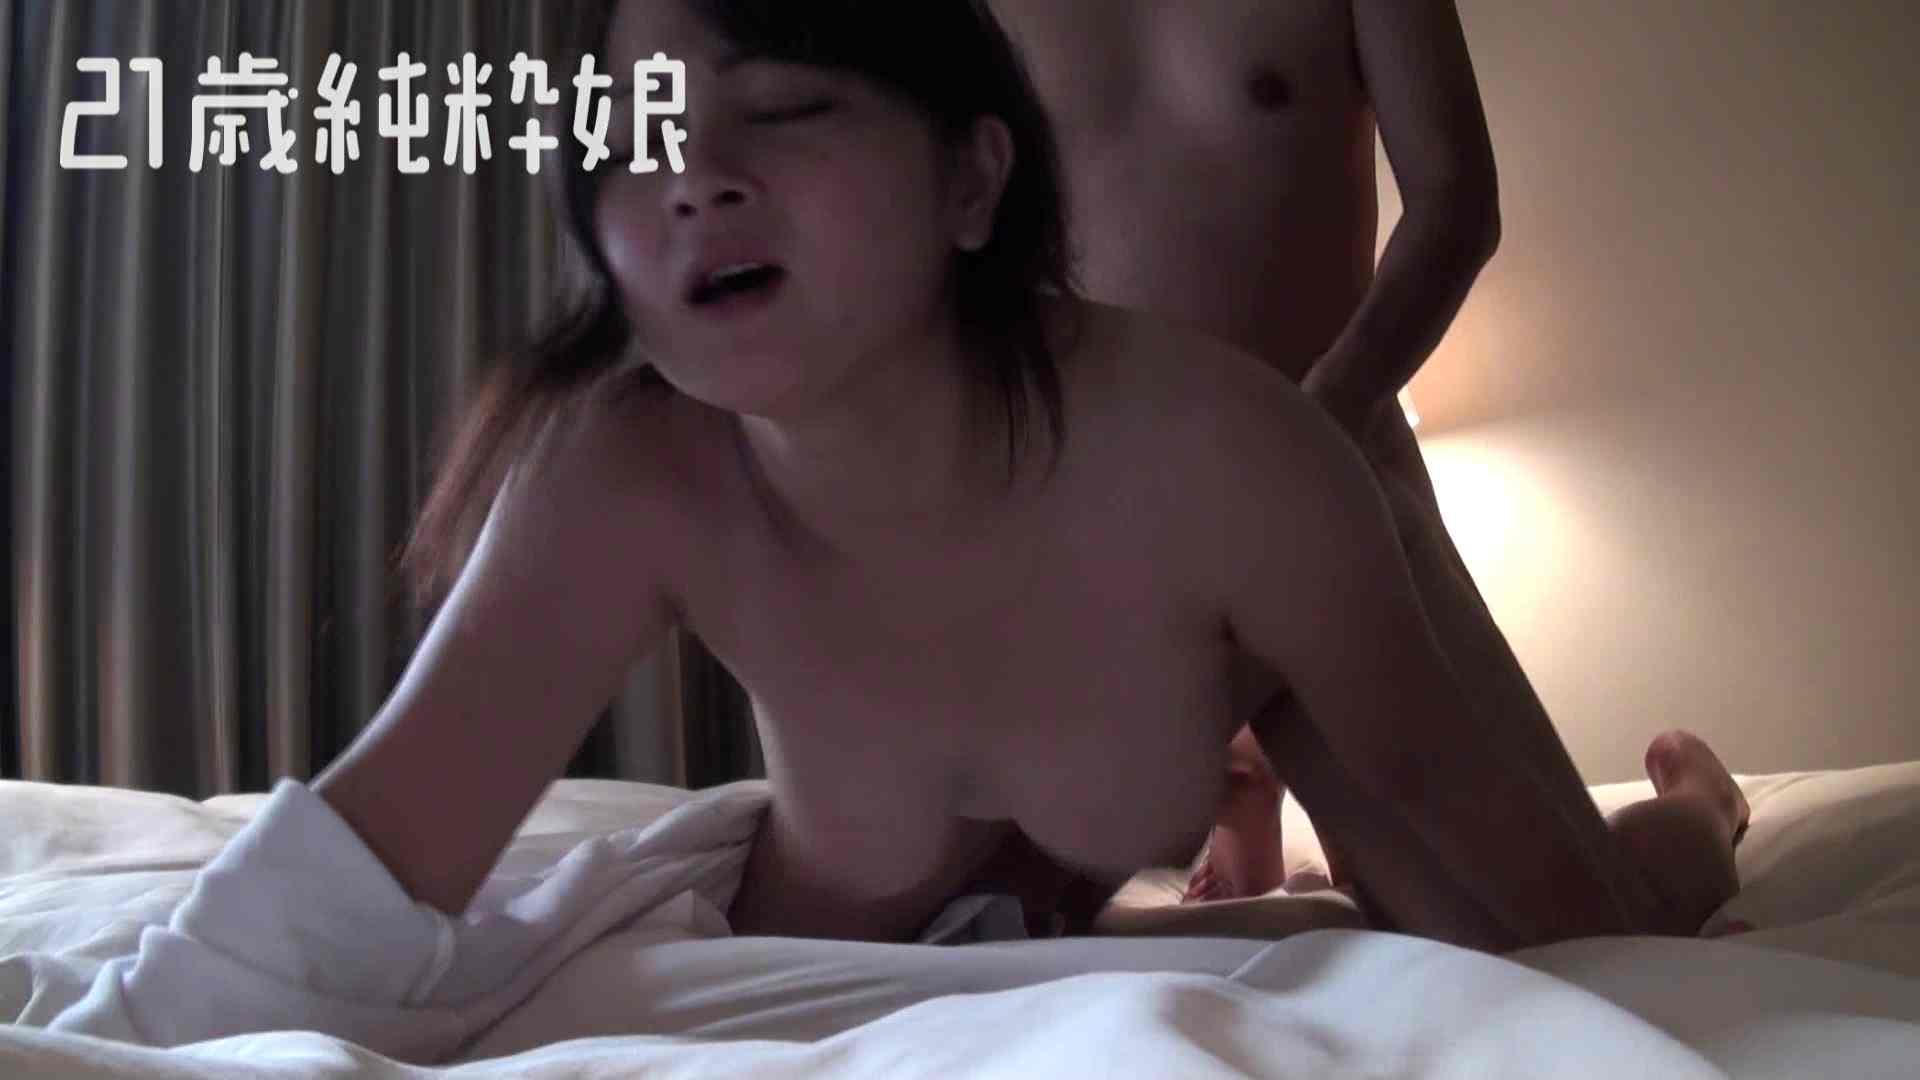 上京したばかりのGカップ21歳純粋嬢を都合の良い女にしてみた2 SEX エロ無料画像 102pic 94